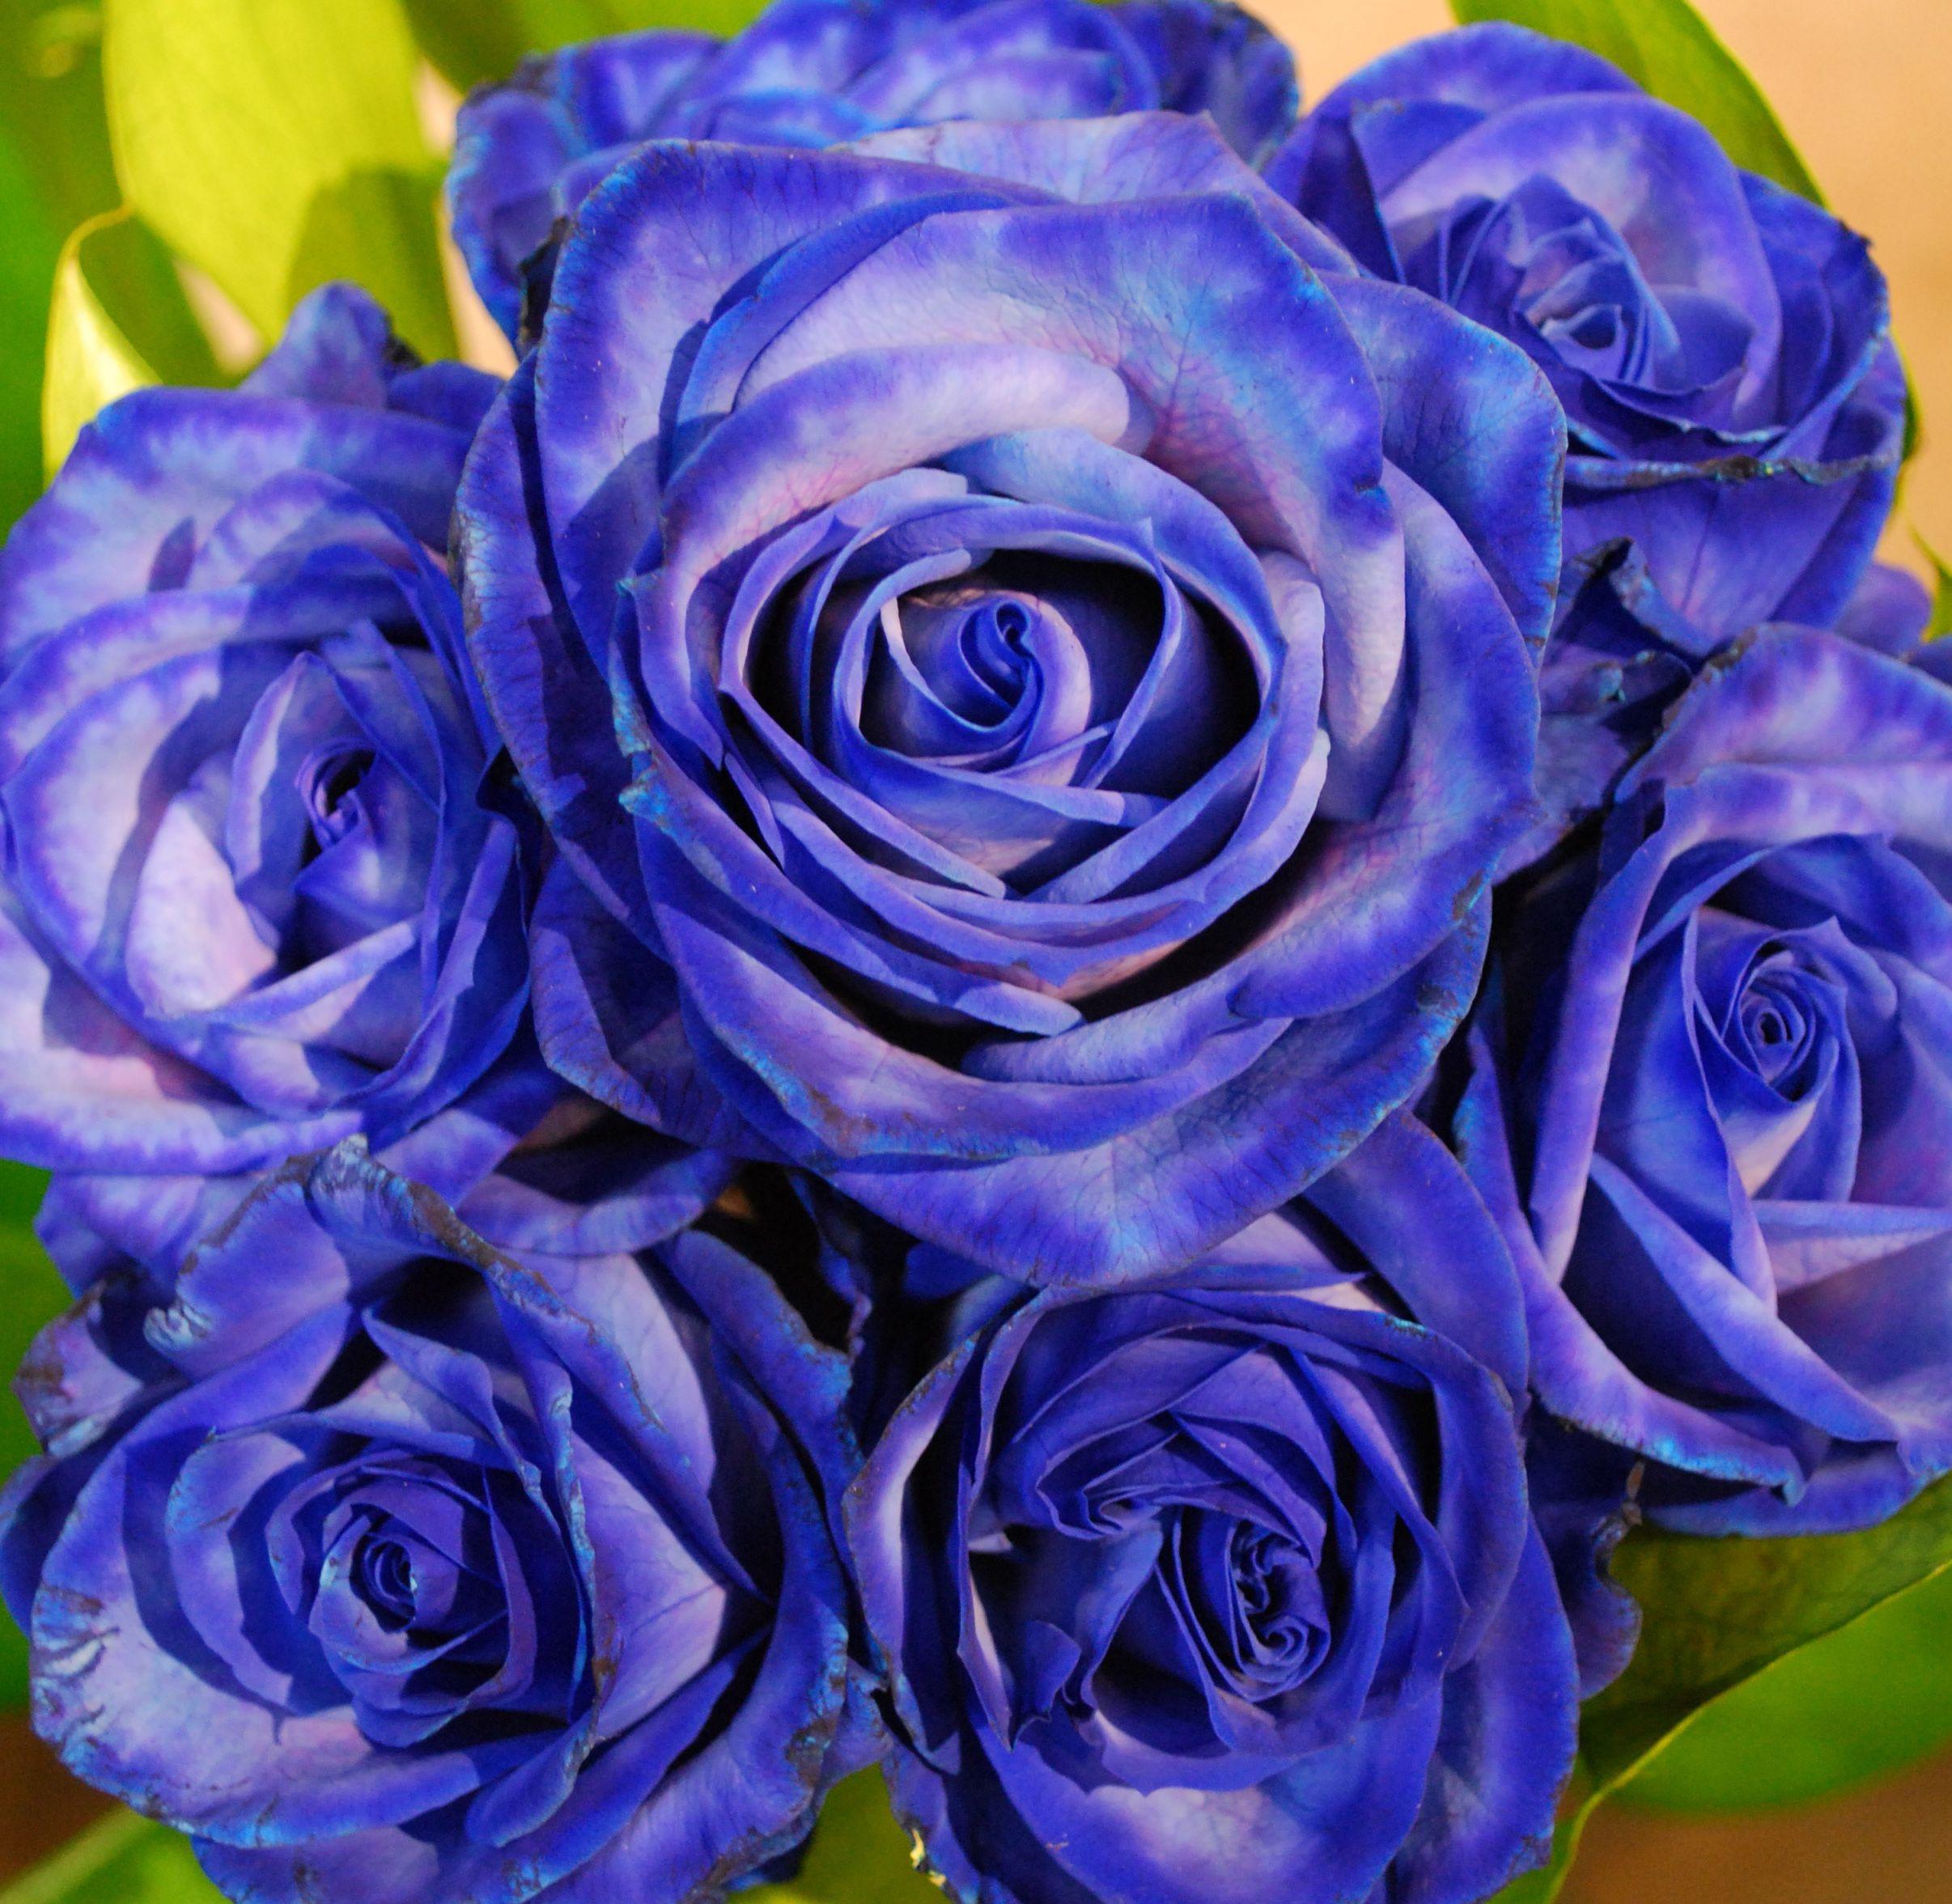 совсем синие розы фото чудо природы